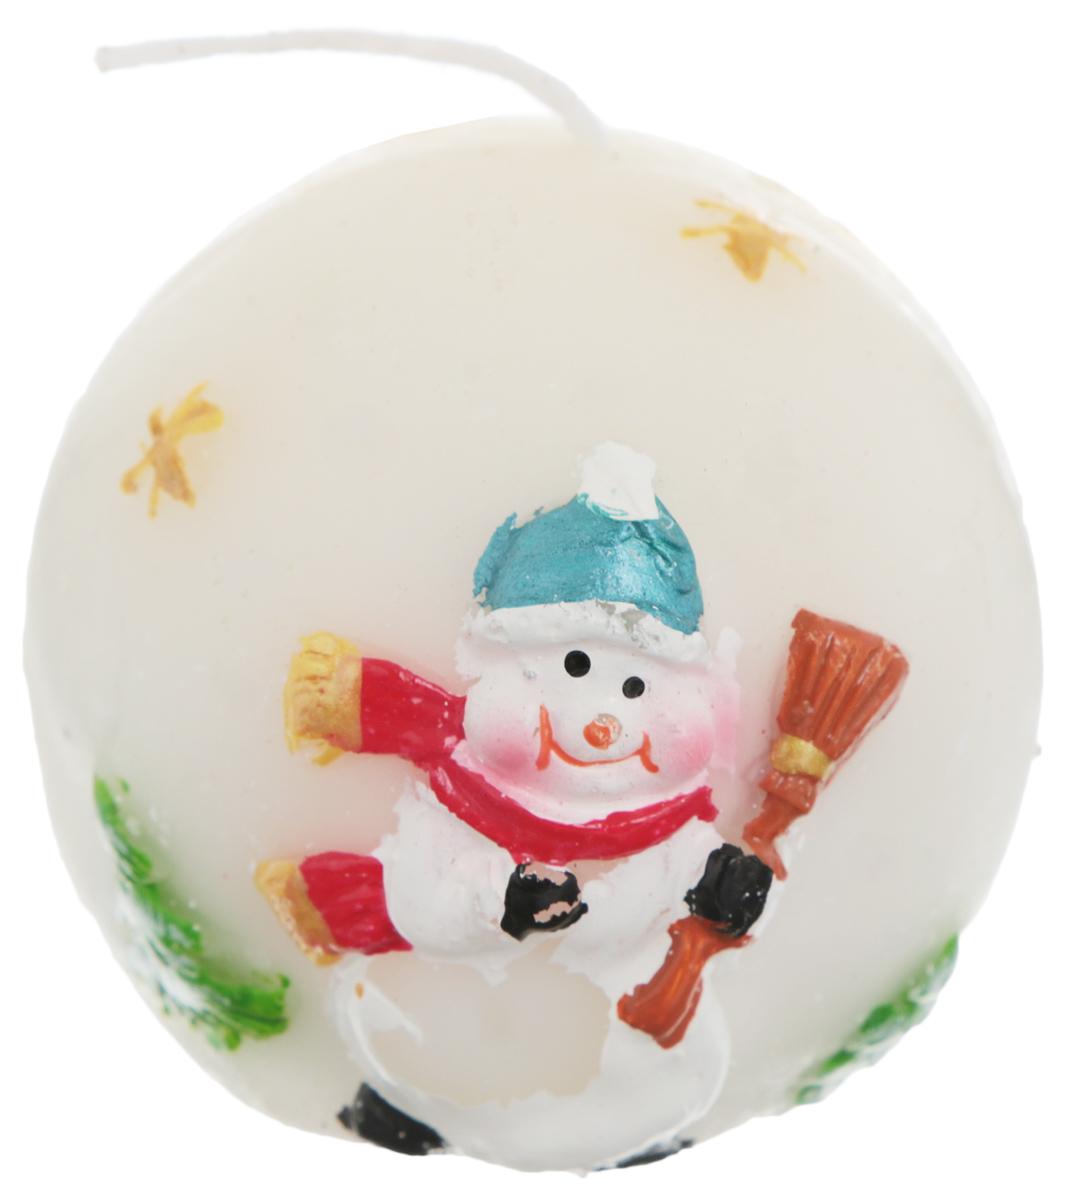 Свеча Winter Wings Шар. Снеговик, диаметр 5 смN162498Свеча Winter Wings Шар. Снеговик, изготовленная из парафина, станет прекрасным украшением интерьера помещения в преддверии Нового года. Такая свеча создаст атмосферу таинственности и загадочности и наполнит ваш дом волшебством и ощущением праздника. Хороший сувенир для друзей и близких.